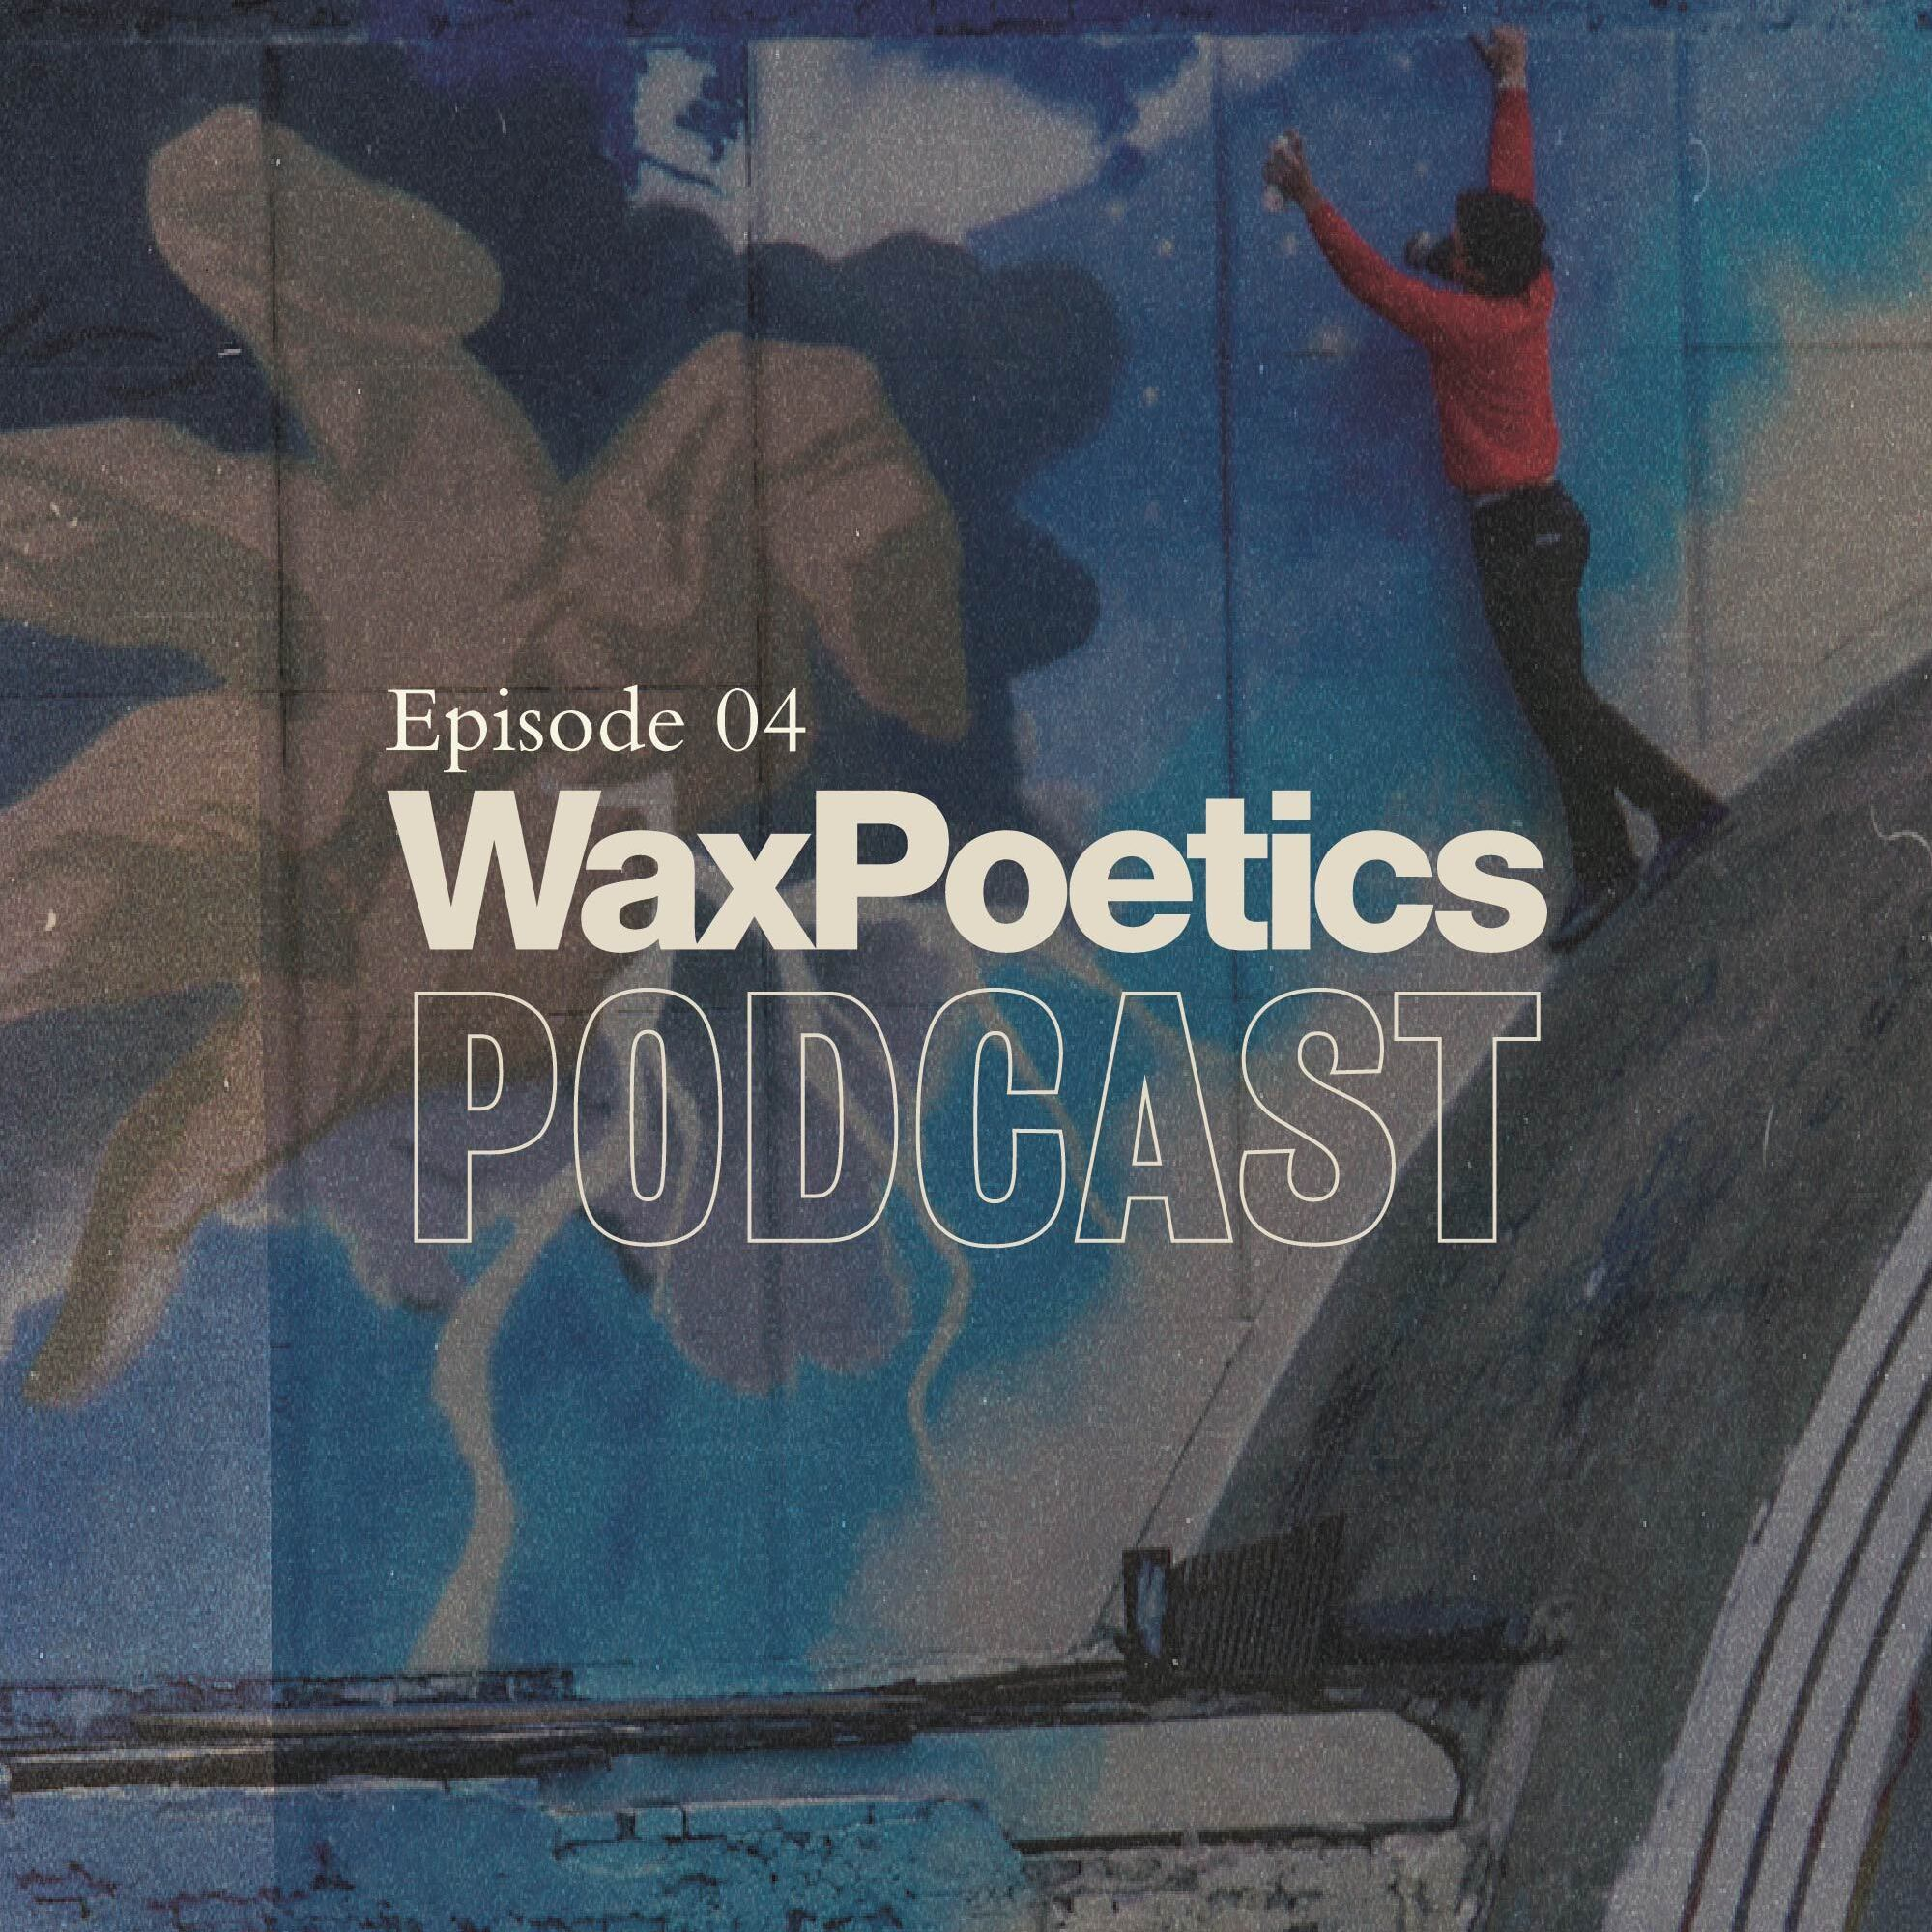 Wax Poetics Podcast: Episode 04